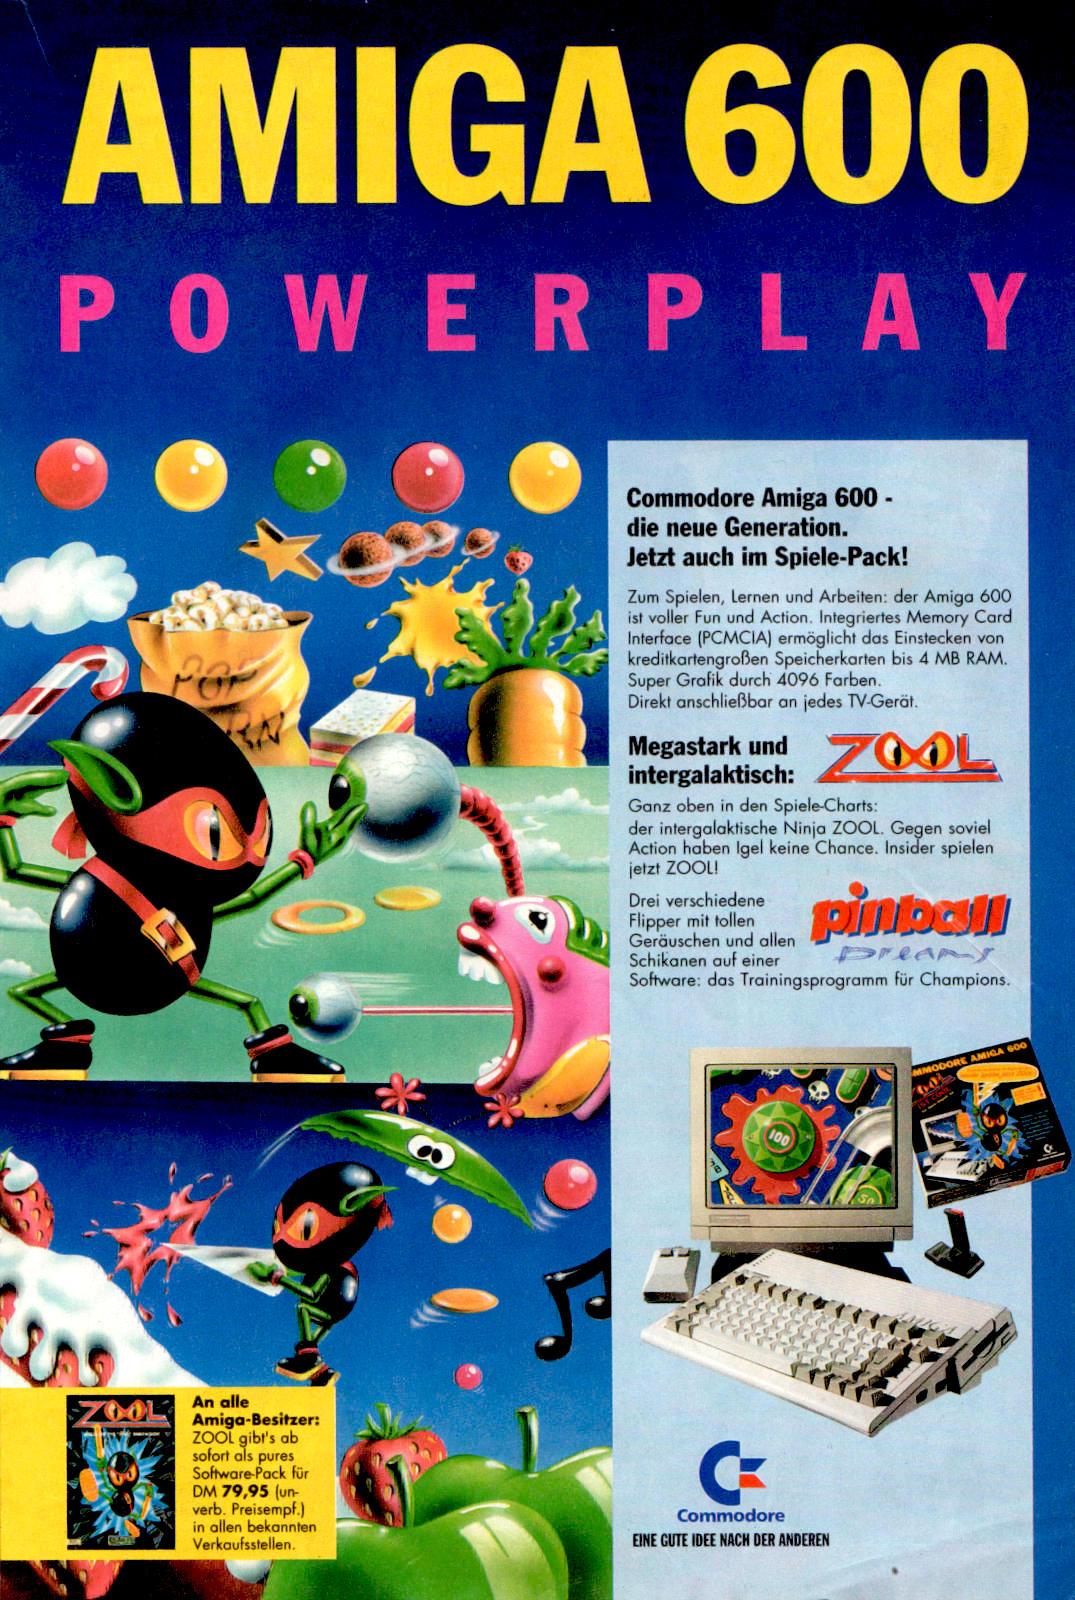 Werbeanzeige für den Commodore Amiga 600 und die Spiele Zool, sowie Pinball Dreams. Micky Maus Magazin, Ausgabe Nr. 22 vom 27.05.1993. (Bildrechte: Egmont Ehapa Media GmbH)